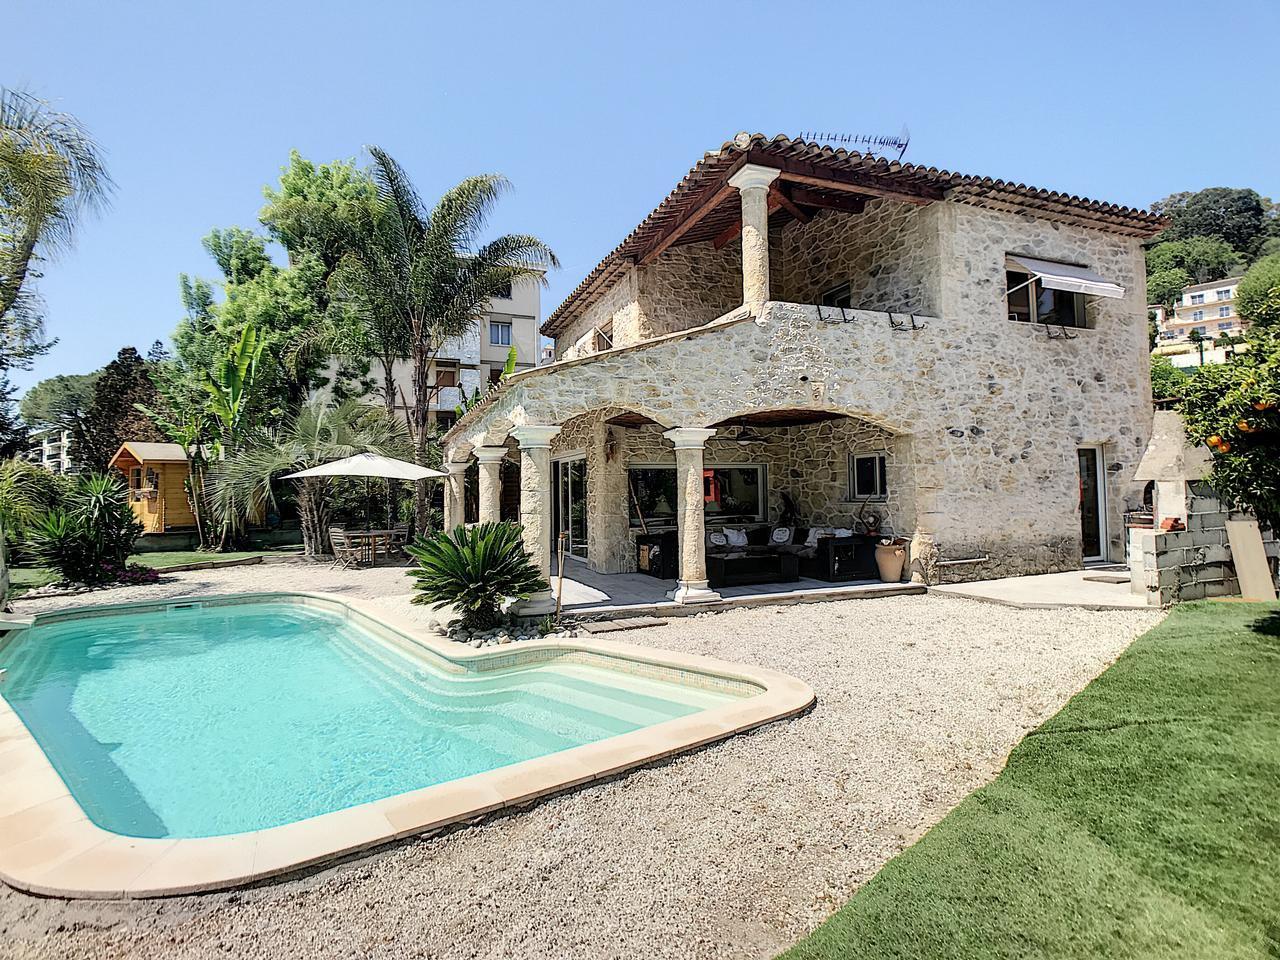 Villa en excellente état avec piscine - Villeneuve-Loubet